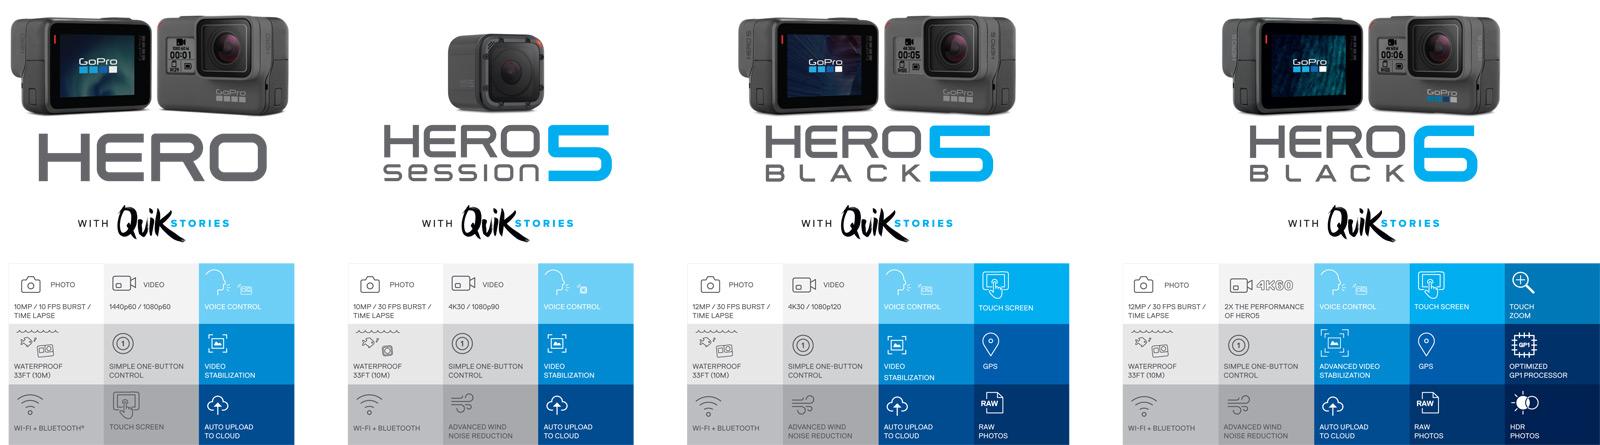 Nová, cenově dostupná akční kamera GoPro